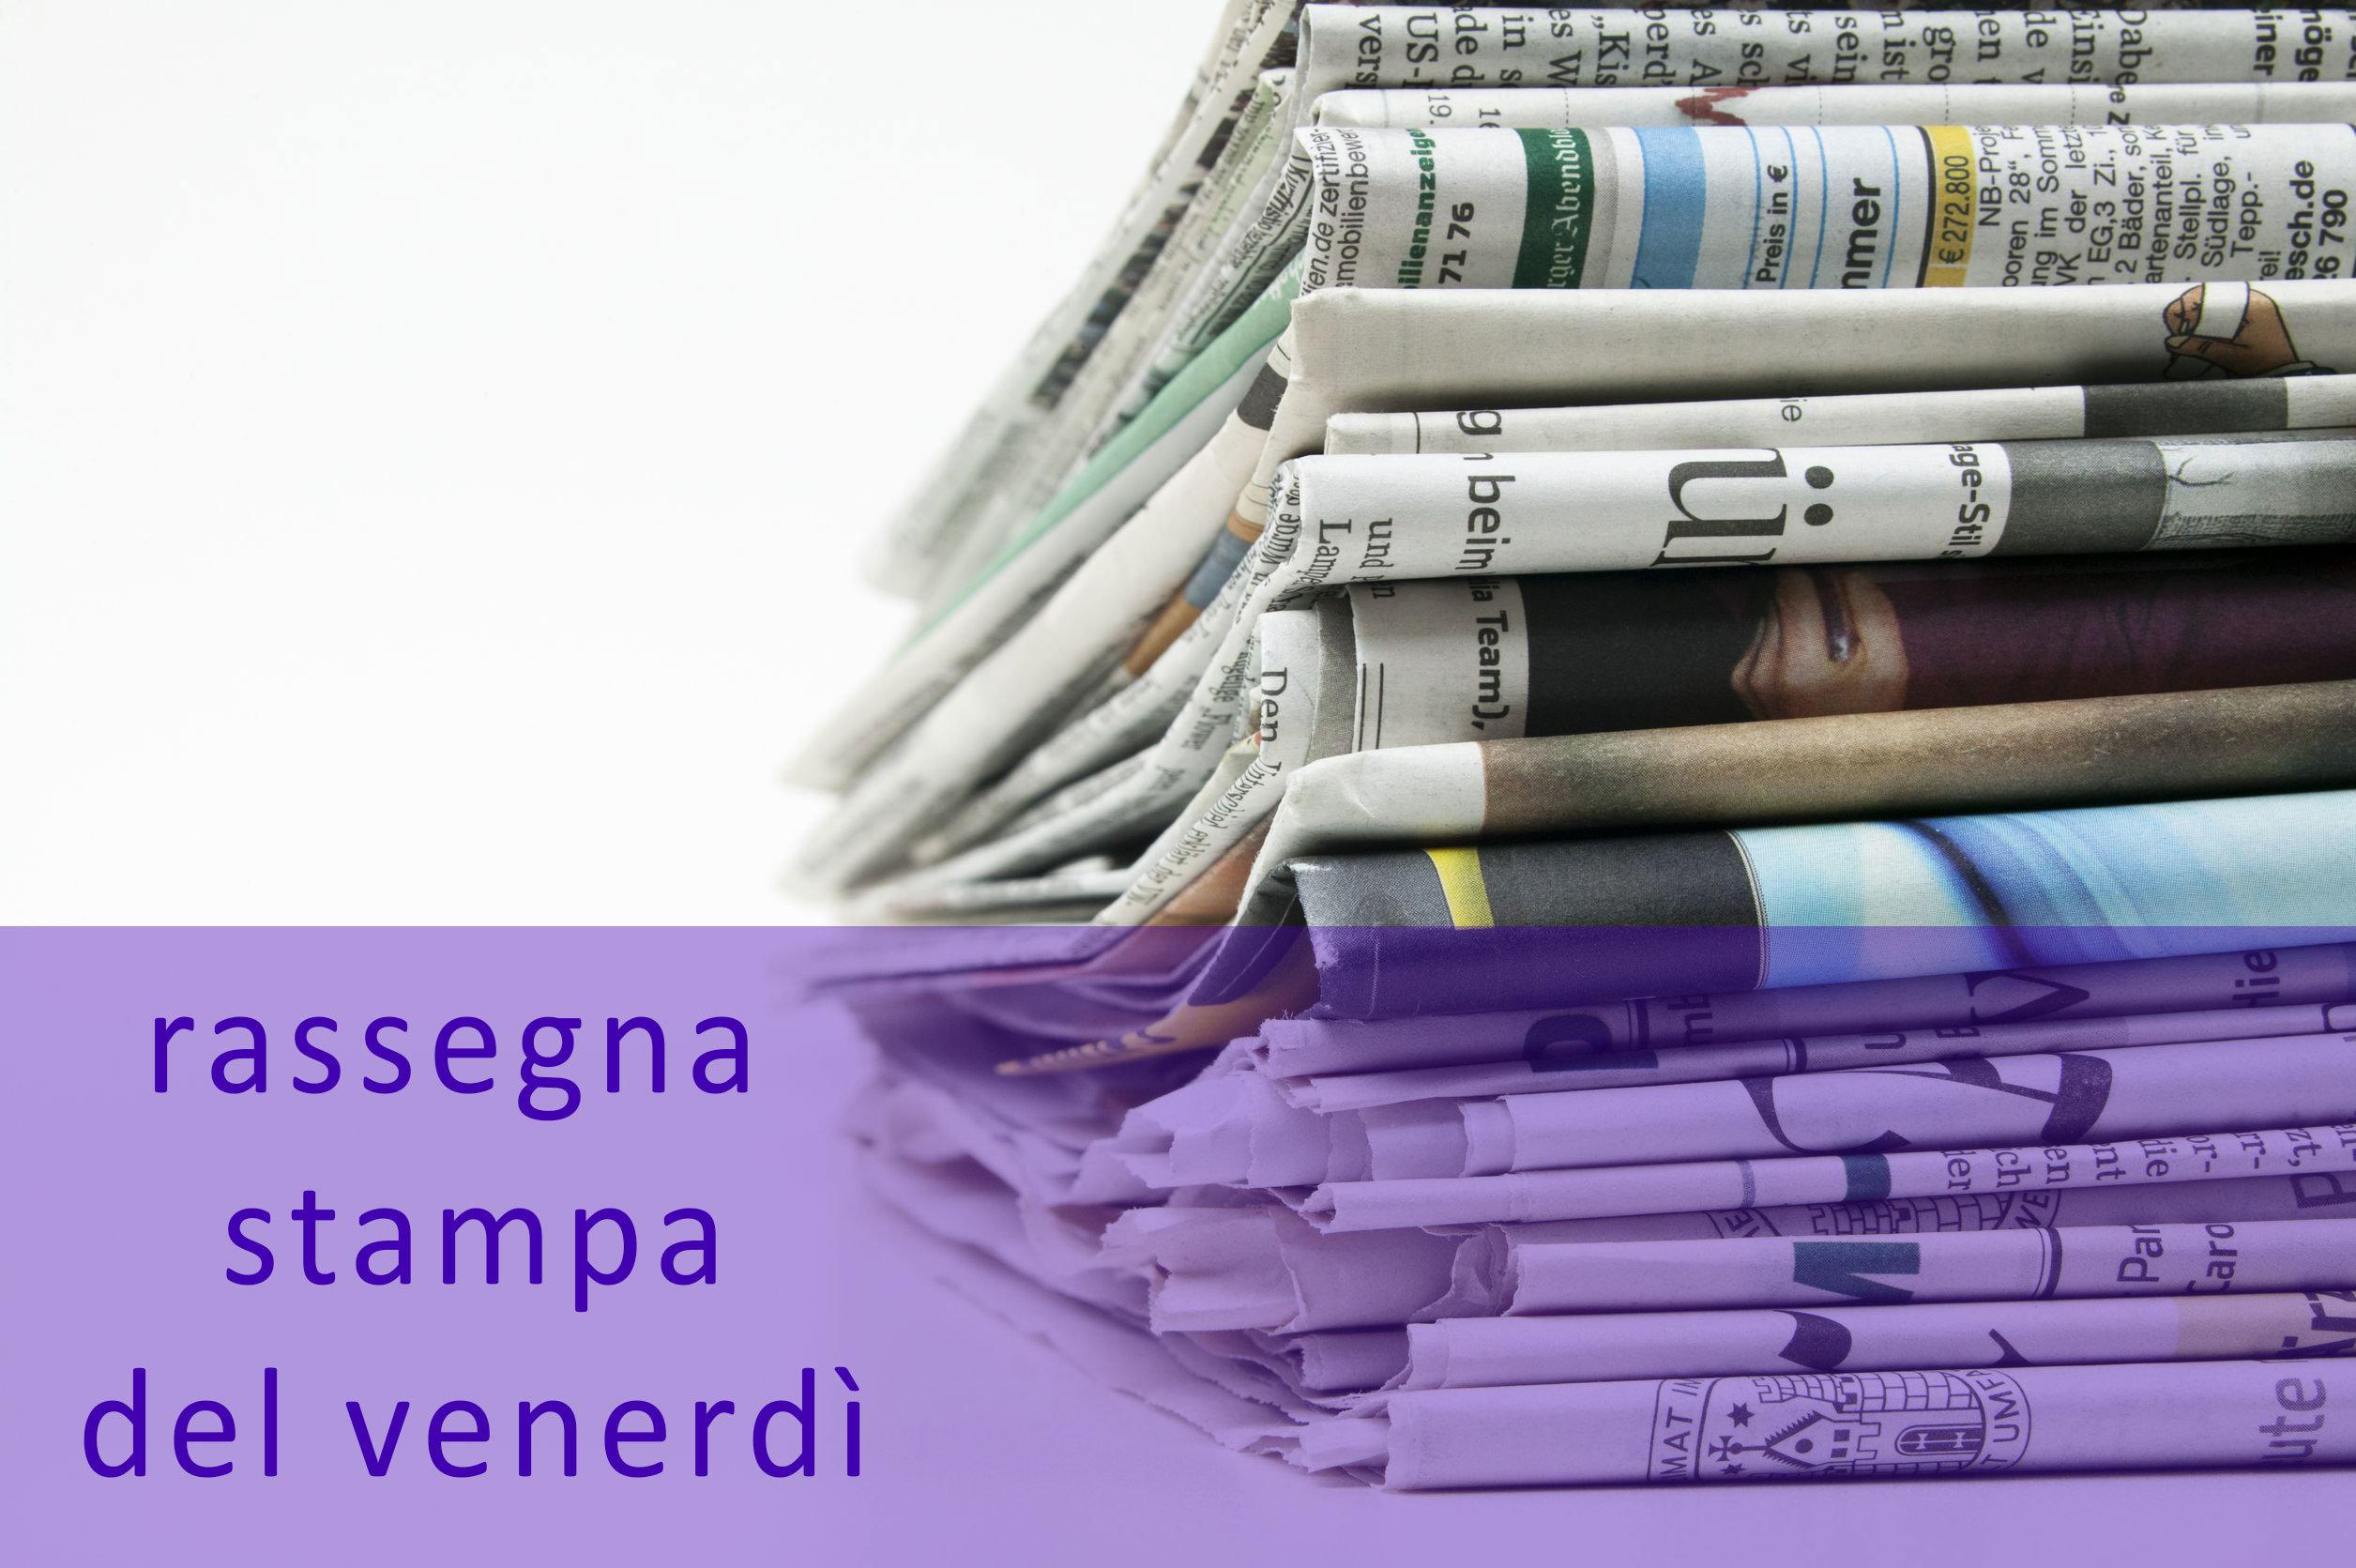 Rassegna stampa del 26 febbraio